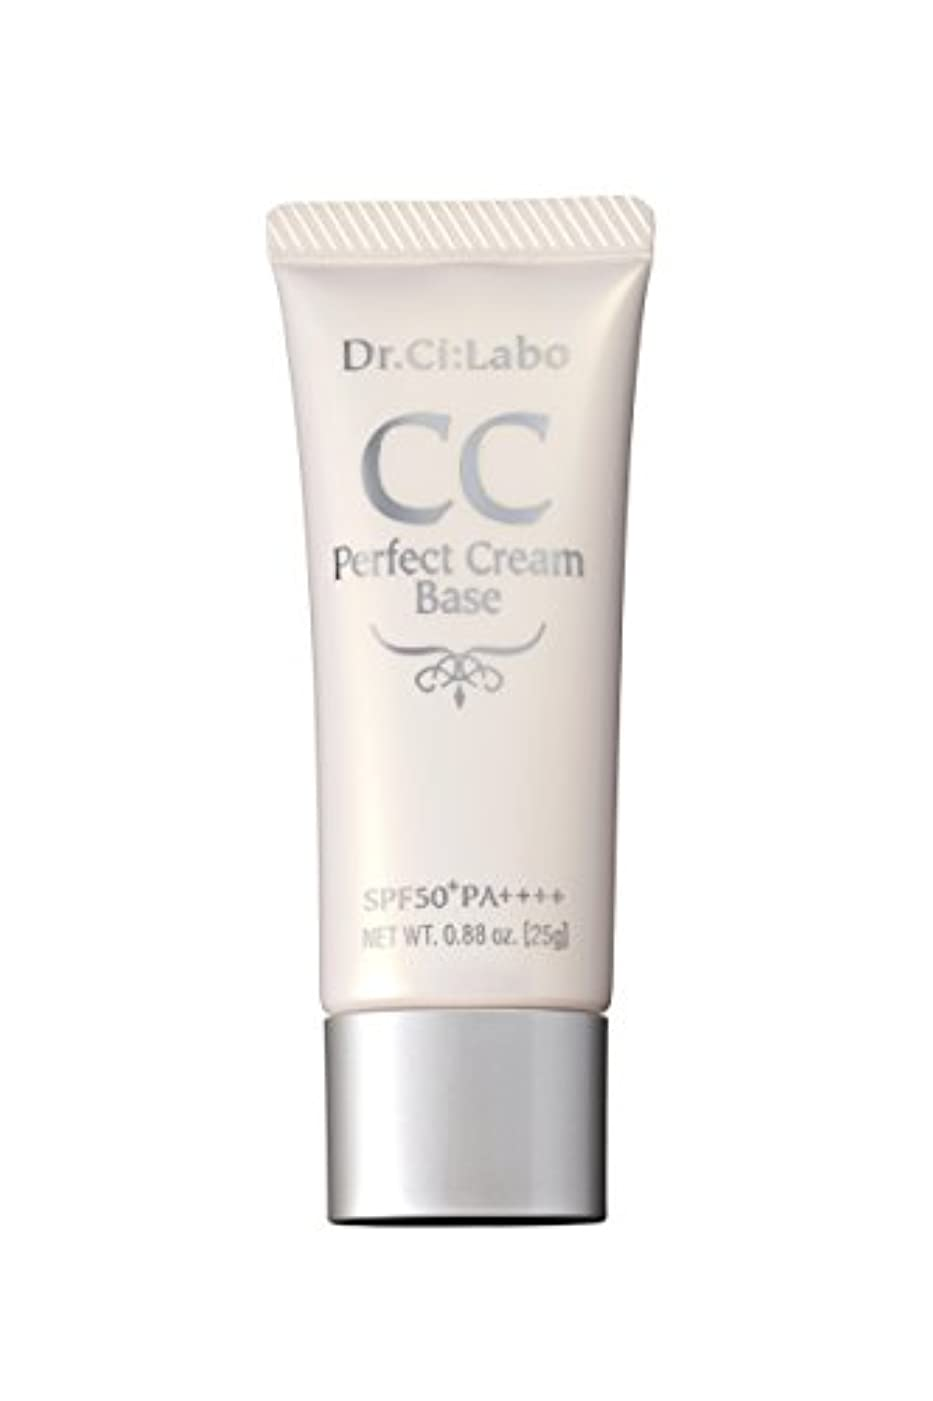 範囲ひそかにラリードクターシーラボ CCパーフェクトクリーム ベース 皮脂吸着パウダー配合 日焼け止め 化粧下地 ファンデーション